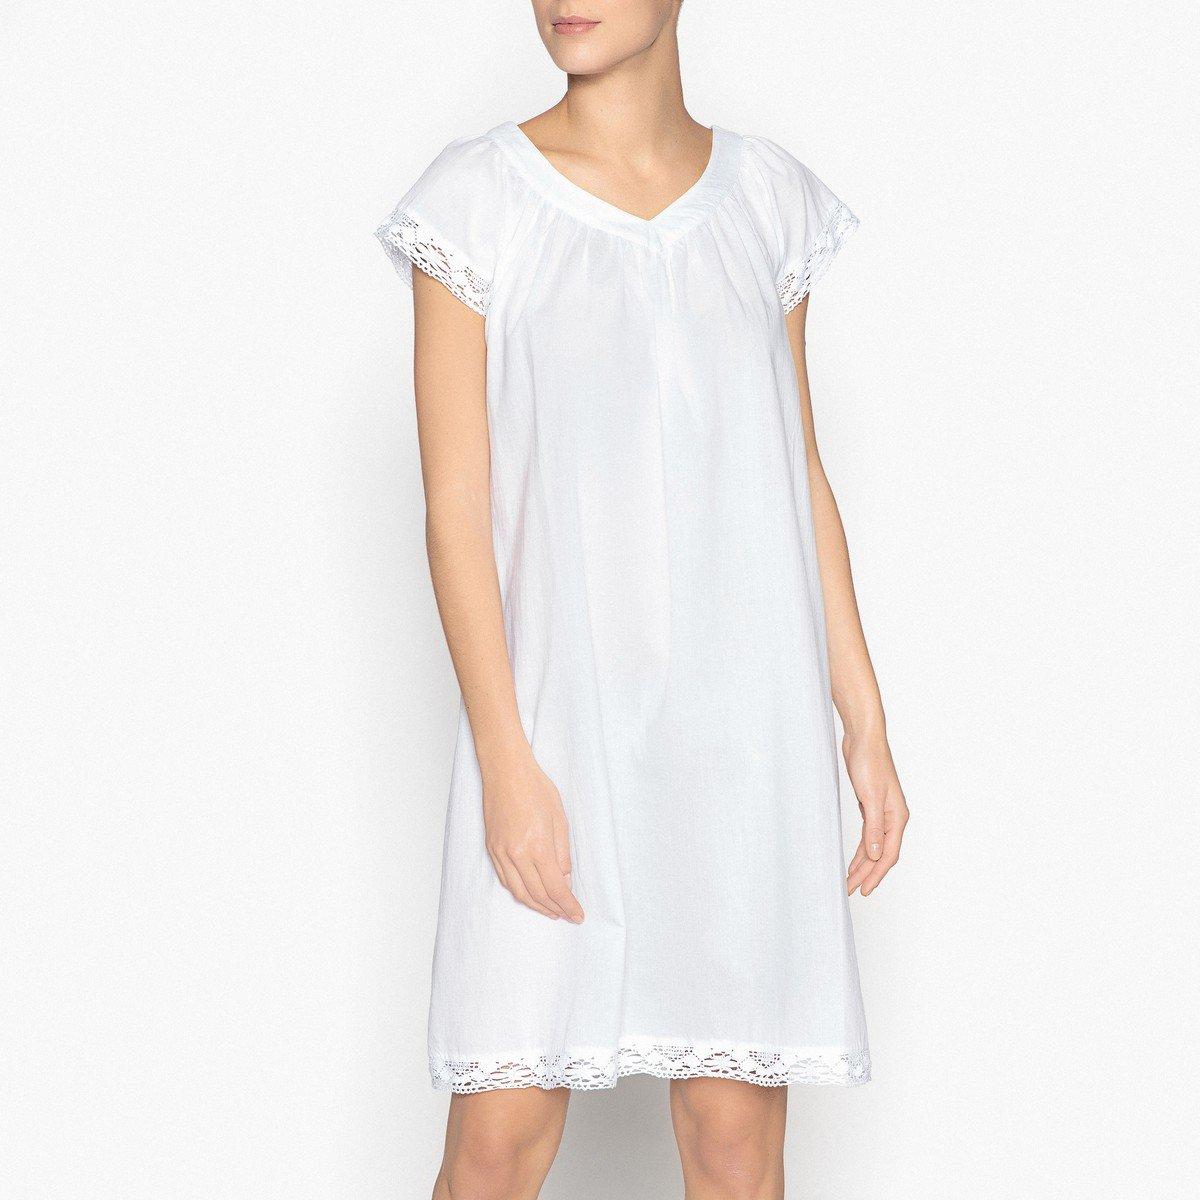 Сорочка La Redoute Ночная из кружева